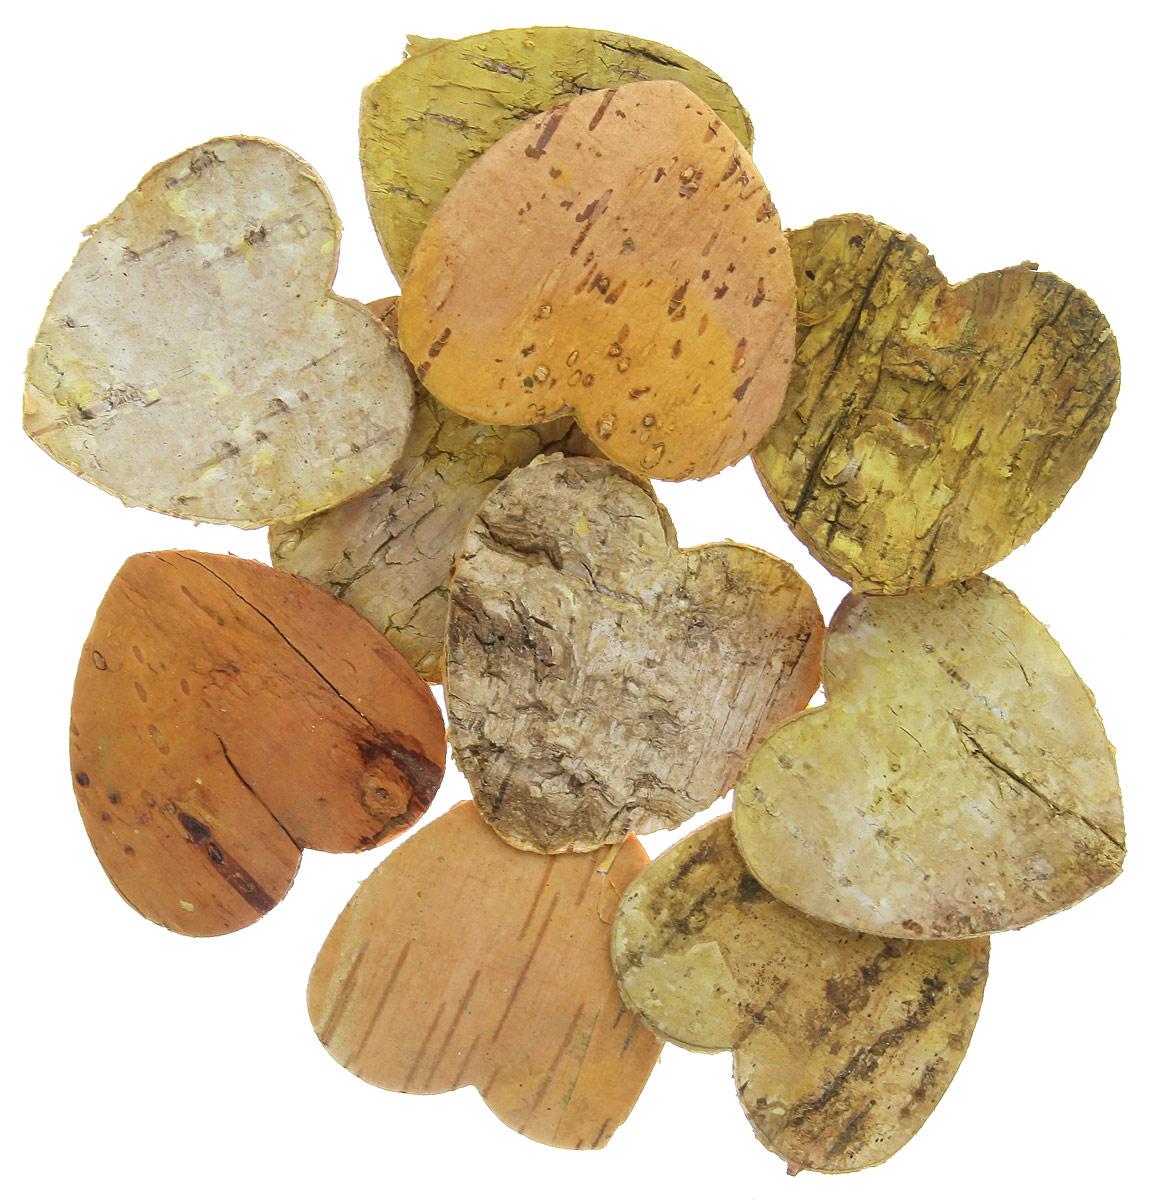 Декоративный элемент Dongjiang Art Сердце, цвет: натуральное дерево, 10 шт7709004_натуральное деревоДекоративный элемент Dongjiang Art Сердце, изготовленный из натуральной коры дерева, предназначен дляукрашения цветочных композиций. Изделие можно также использовать в технике скрапбукинг и многом другом.Флористика - вид декоративно-прикладного искусства, который использует живые, засушенные иликонсервированные природные материалы для создания флористических работ. Это целый мир, в котором естьместо и строгому математическому расчету, и вдохновению. Размер одного элемента: 5 см х 5 см.